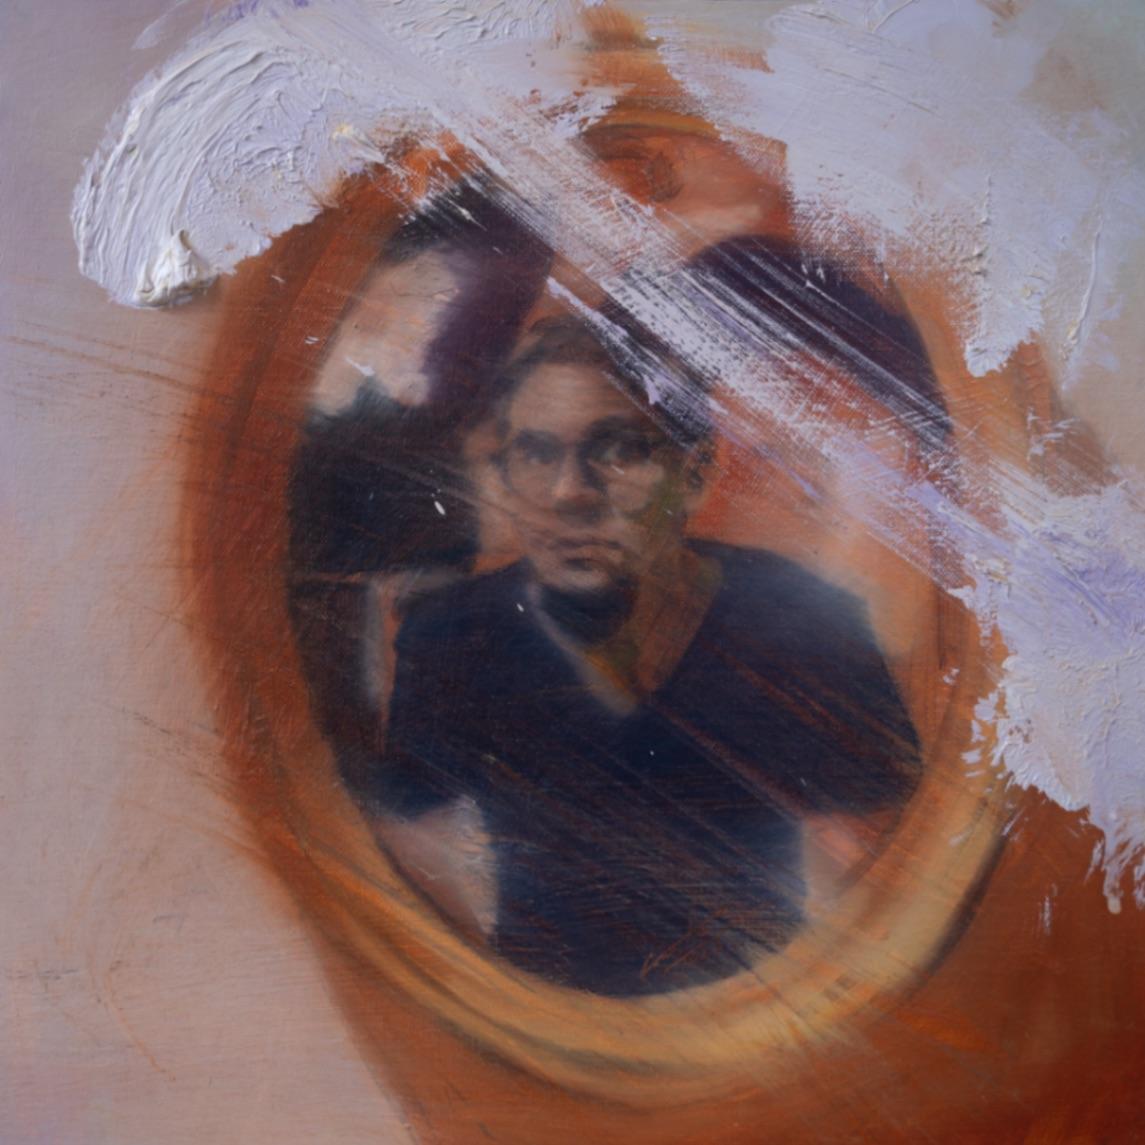 Obra: Autorretrato 🆚 Mirror Selfies 😟